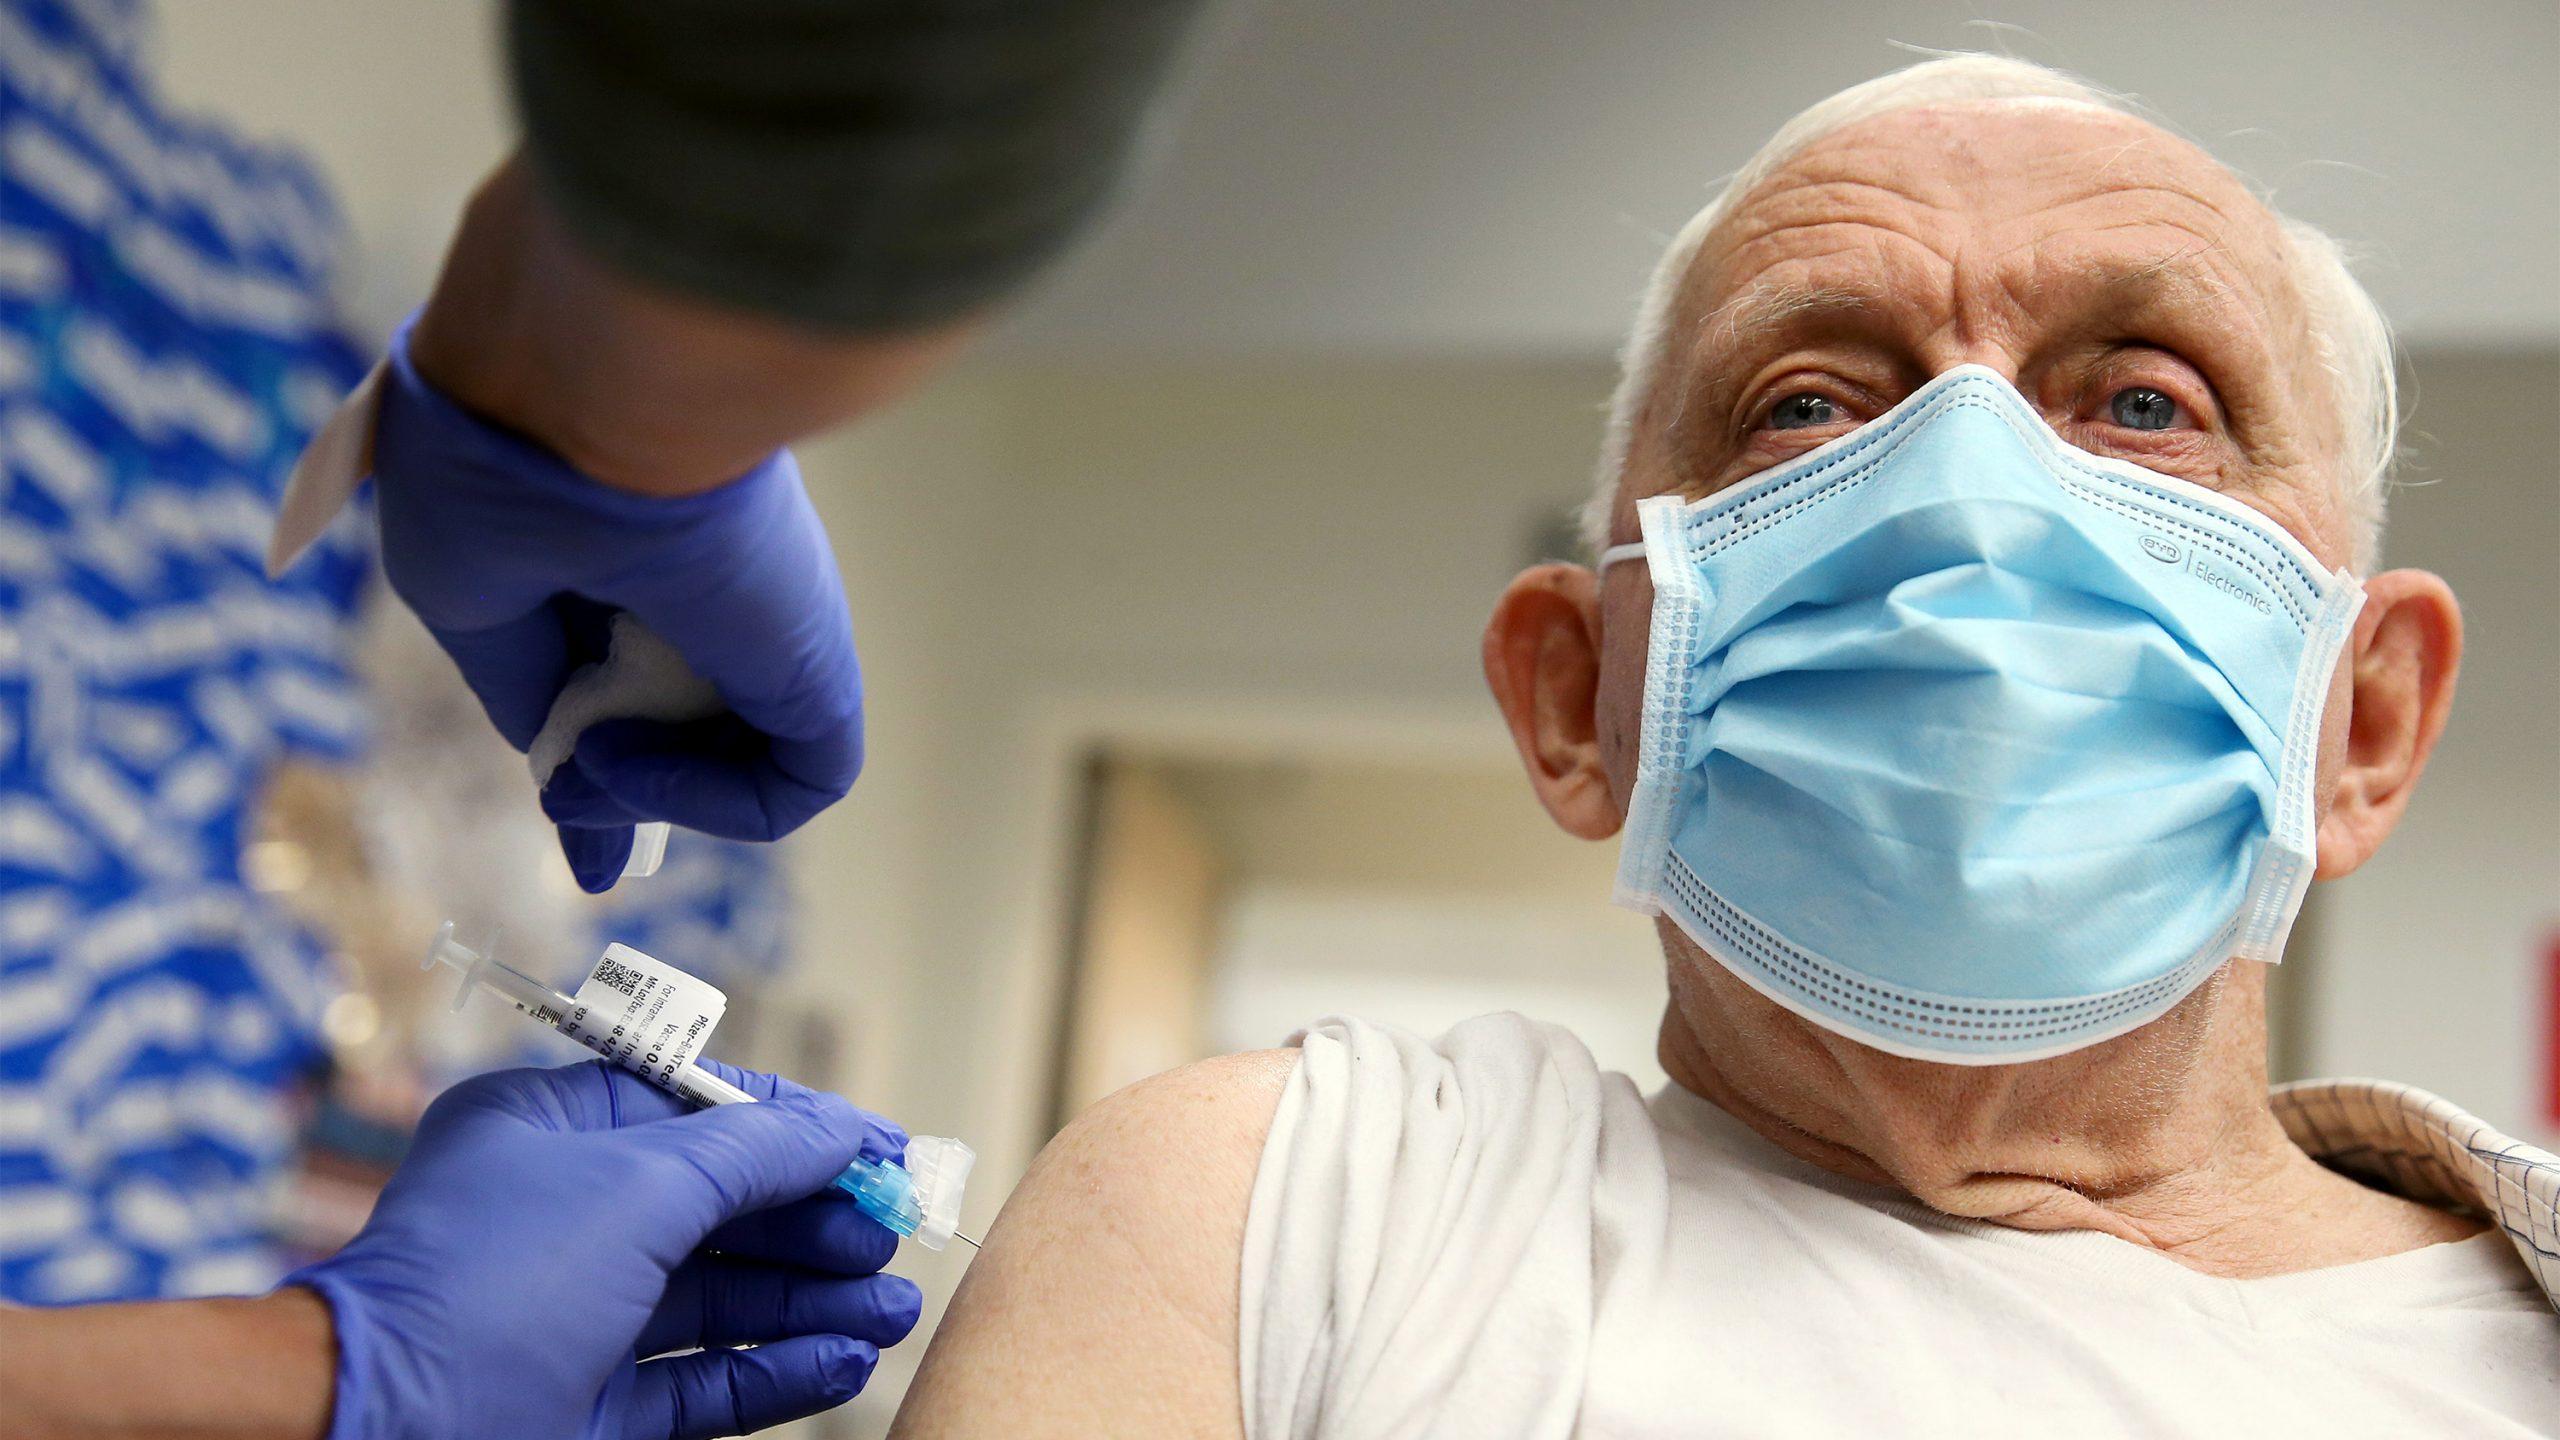 ファイザーがワクチンの追加接種を主張、専門家は「時期尚早」